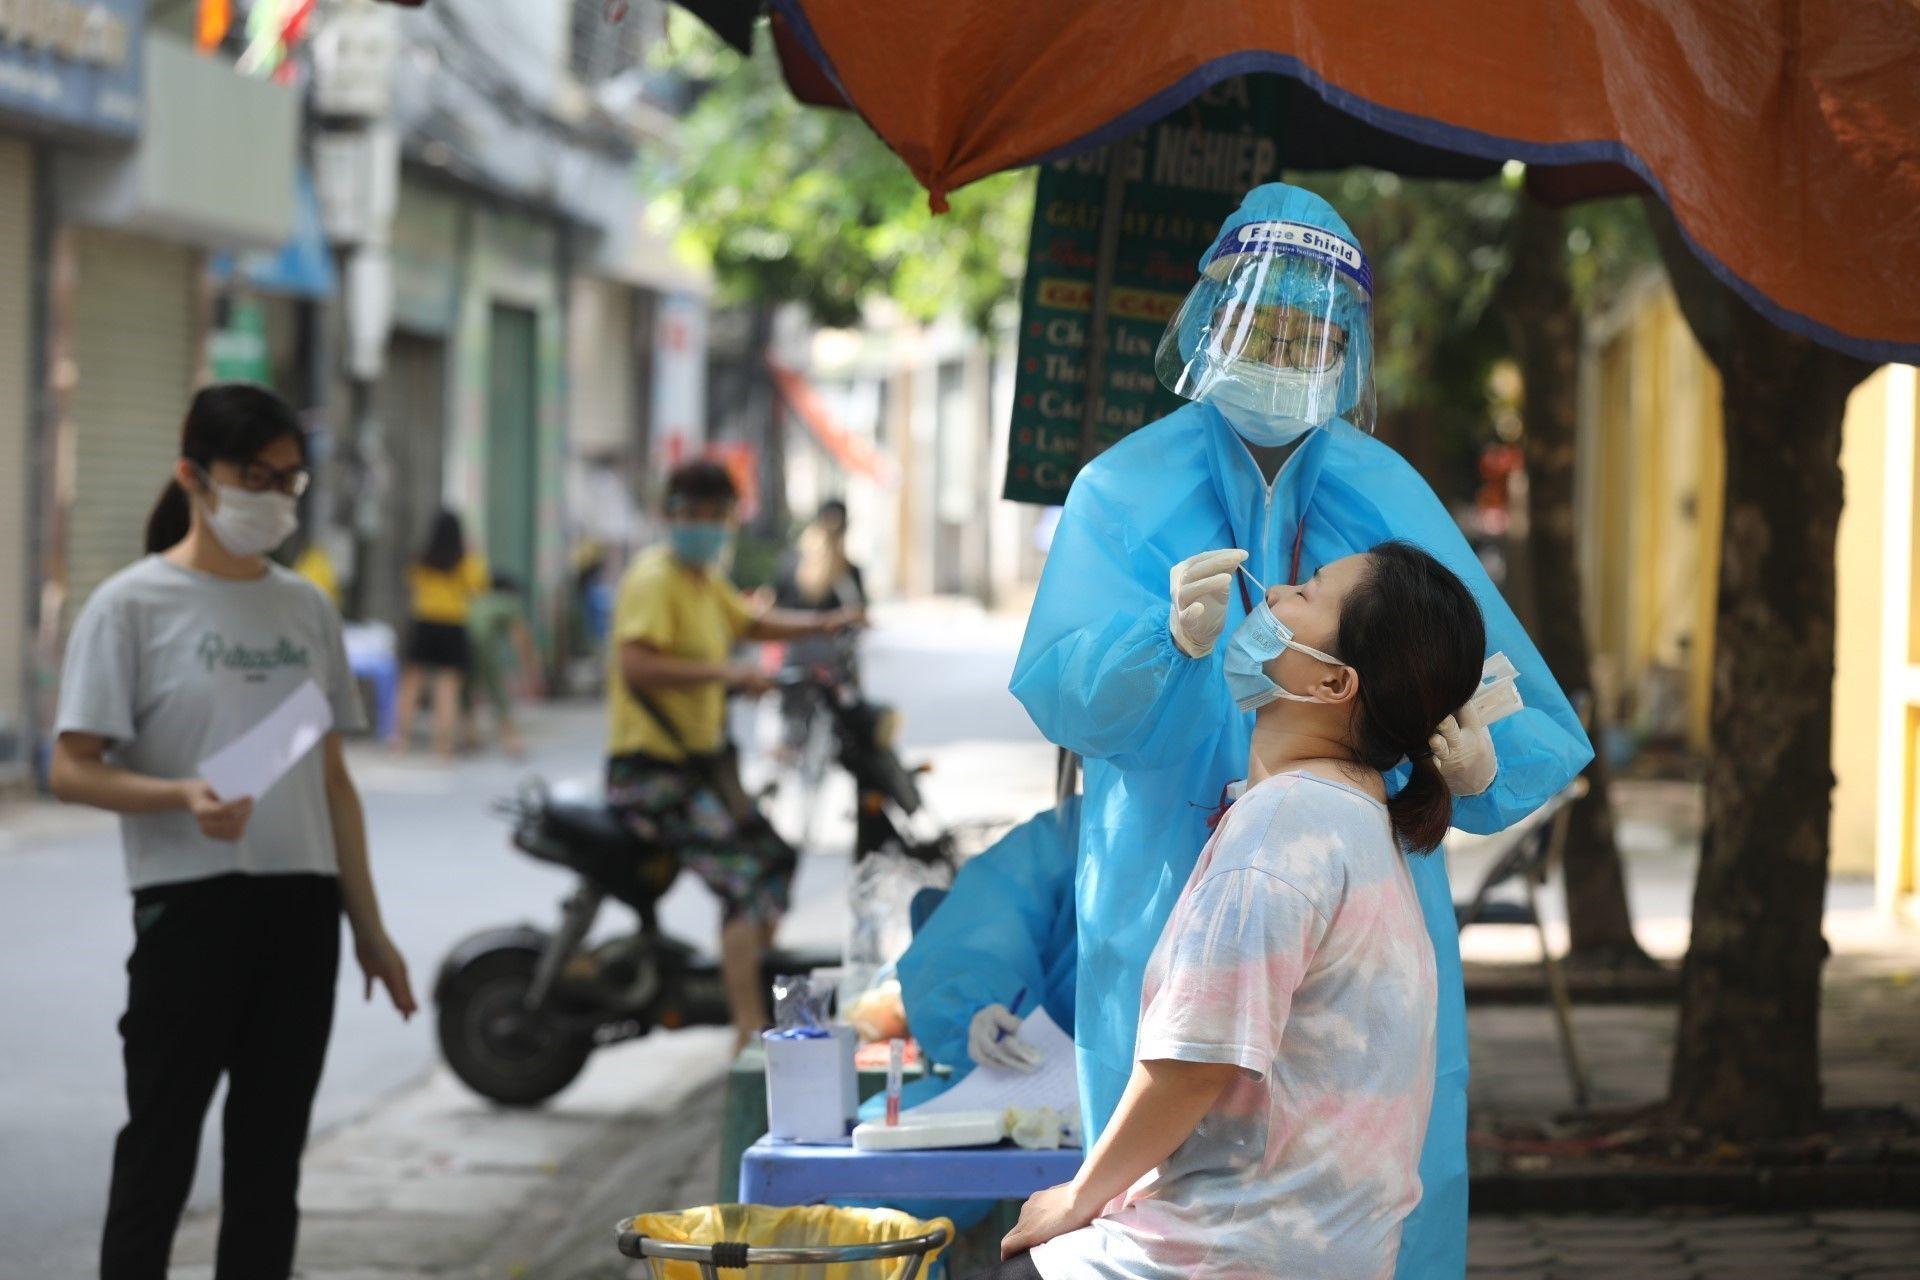 Nhân viên y tế lấy mẫu xét nghiệm COVID-19 cho người dân xóm 7A, thôn Yên Ngưu, xã Tam Hiệp, huyện Thanh Trì, ngày 10/9/2021 - Sputnik Việt Nam, 1920, 05.10.2021